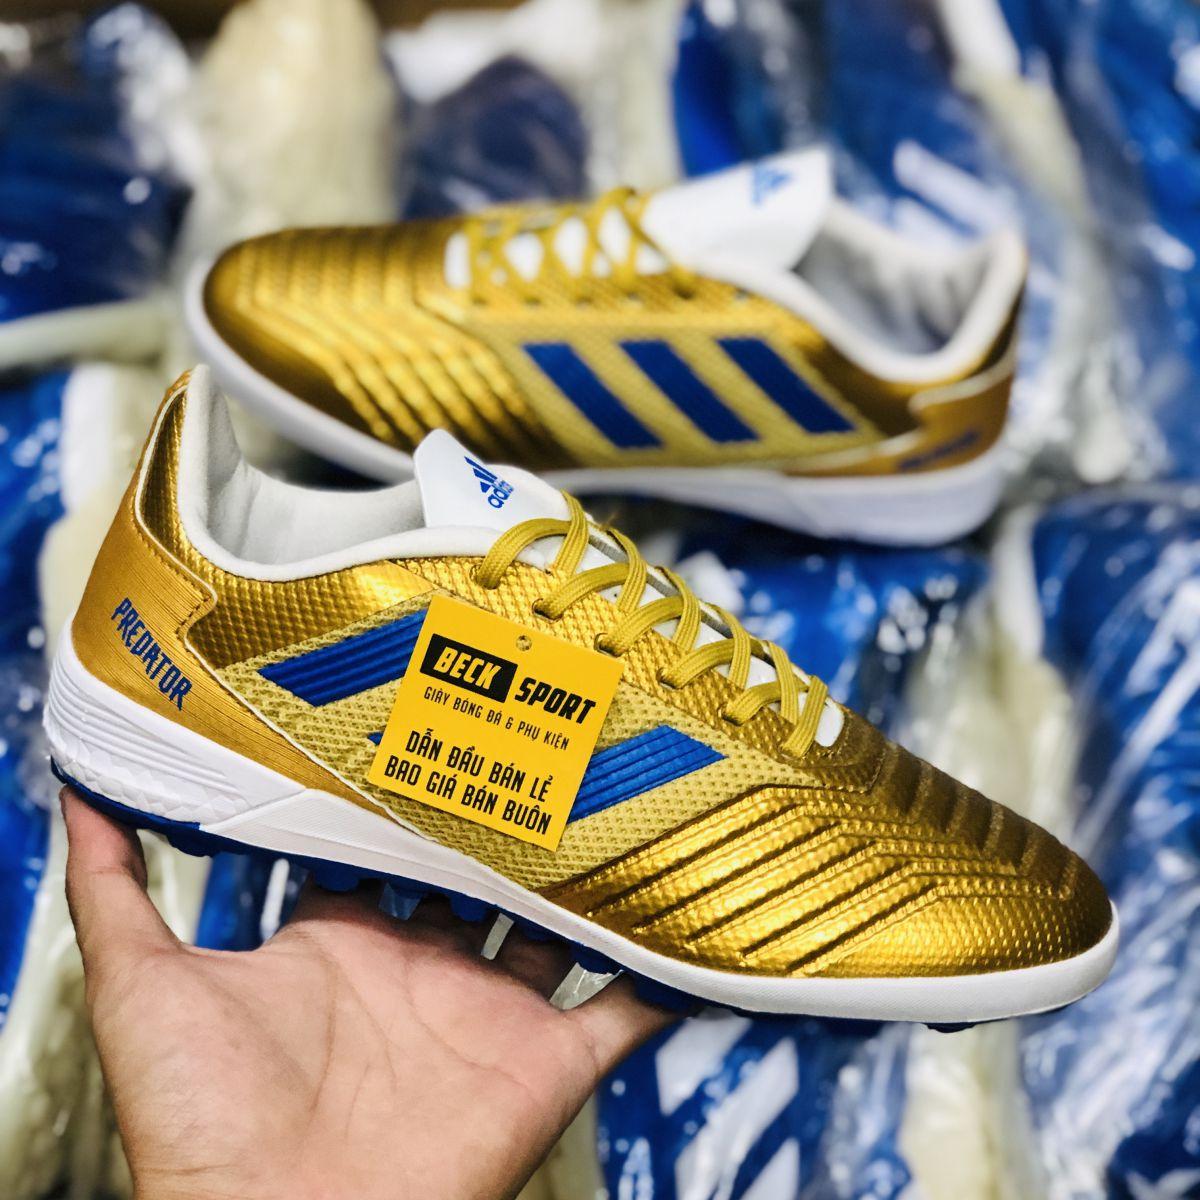 Giày Bóng Đá Adidas Predator 19.3 Đồng Vạch Xanh Biển Đế Boost V2 TF